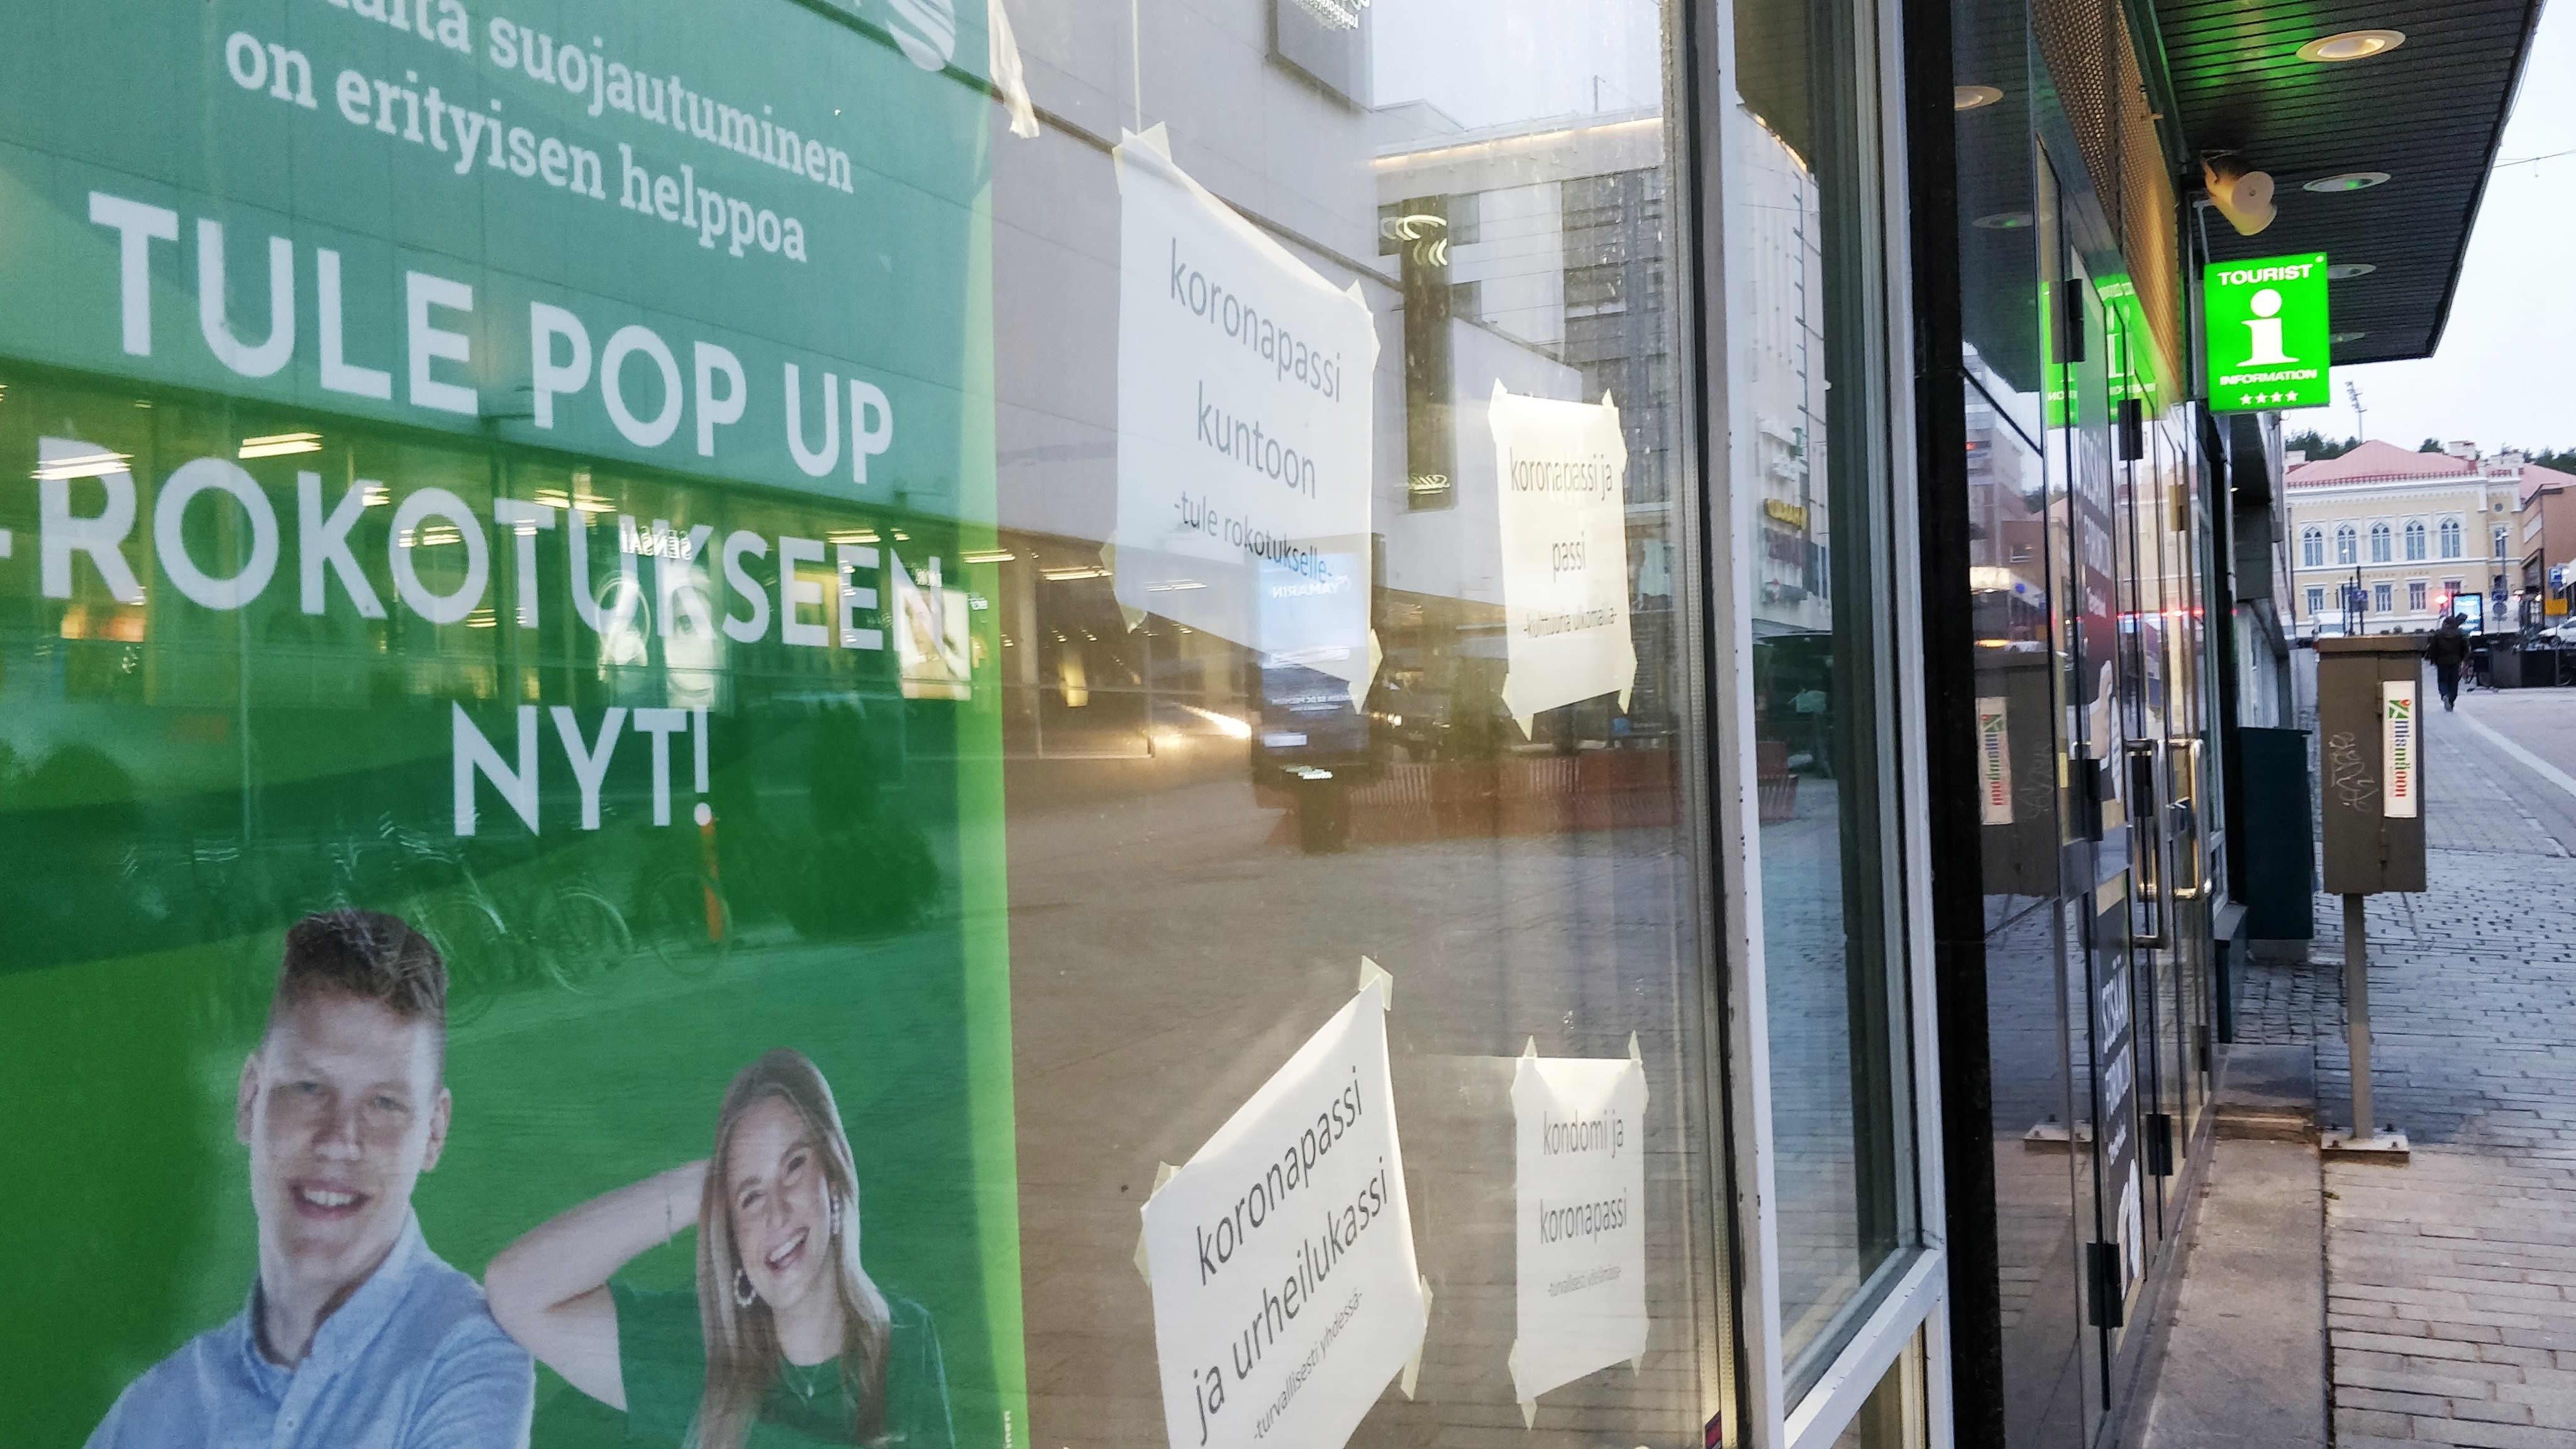 Pop up -koronarokotuksesta kertova juliste kauppakeskus Forumin ikkunassa Jyväskylän Asemakadulla.